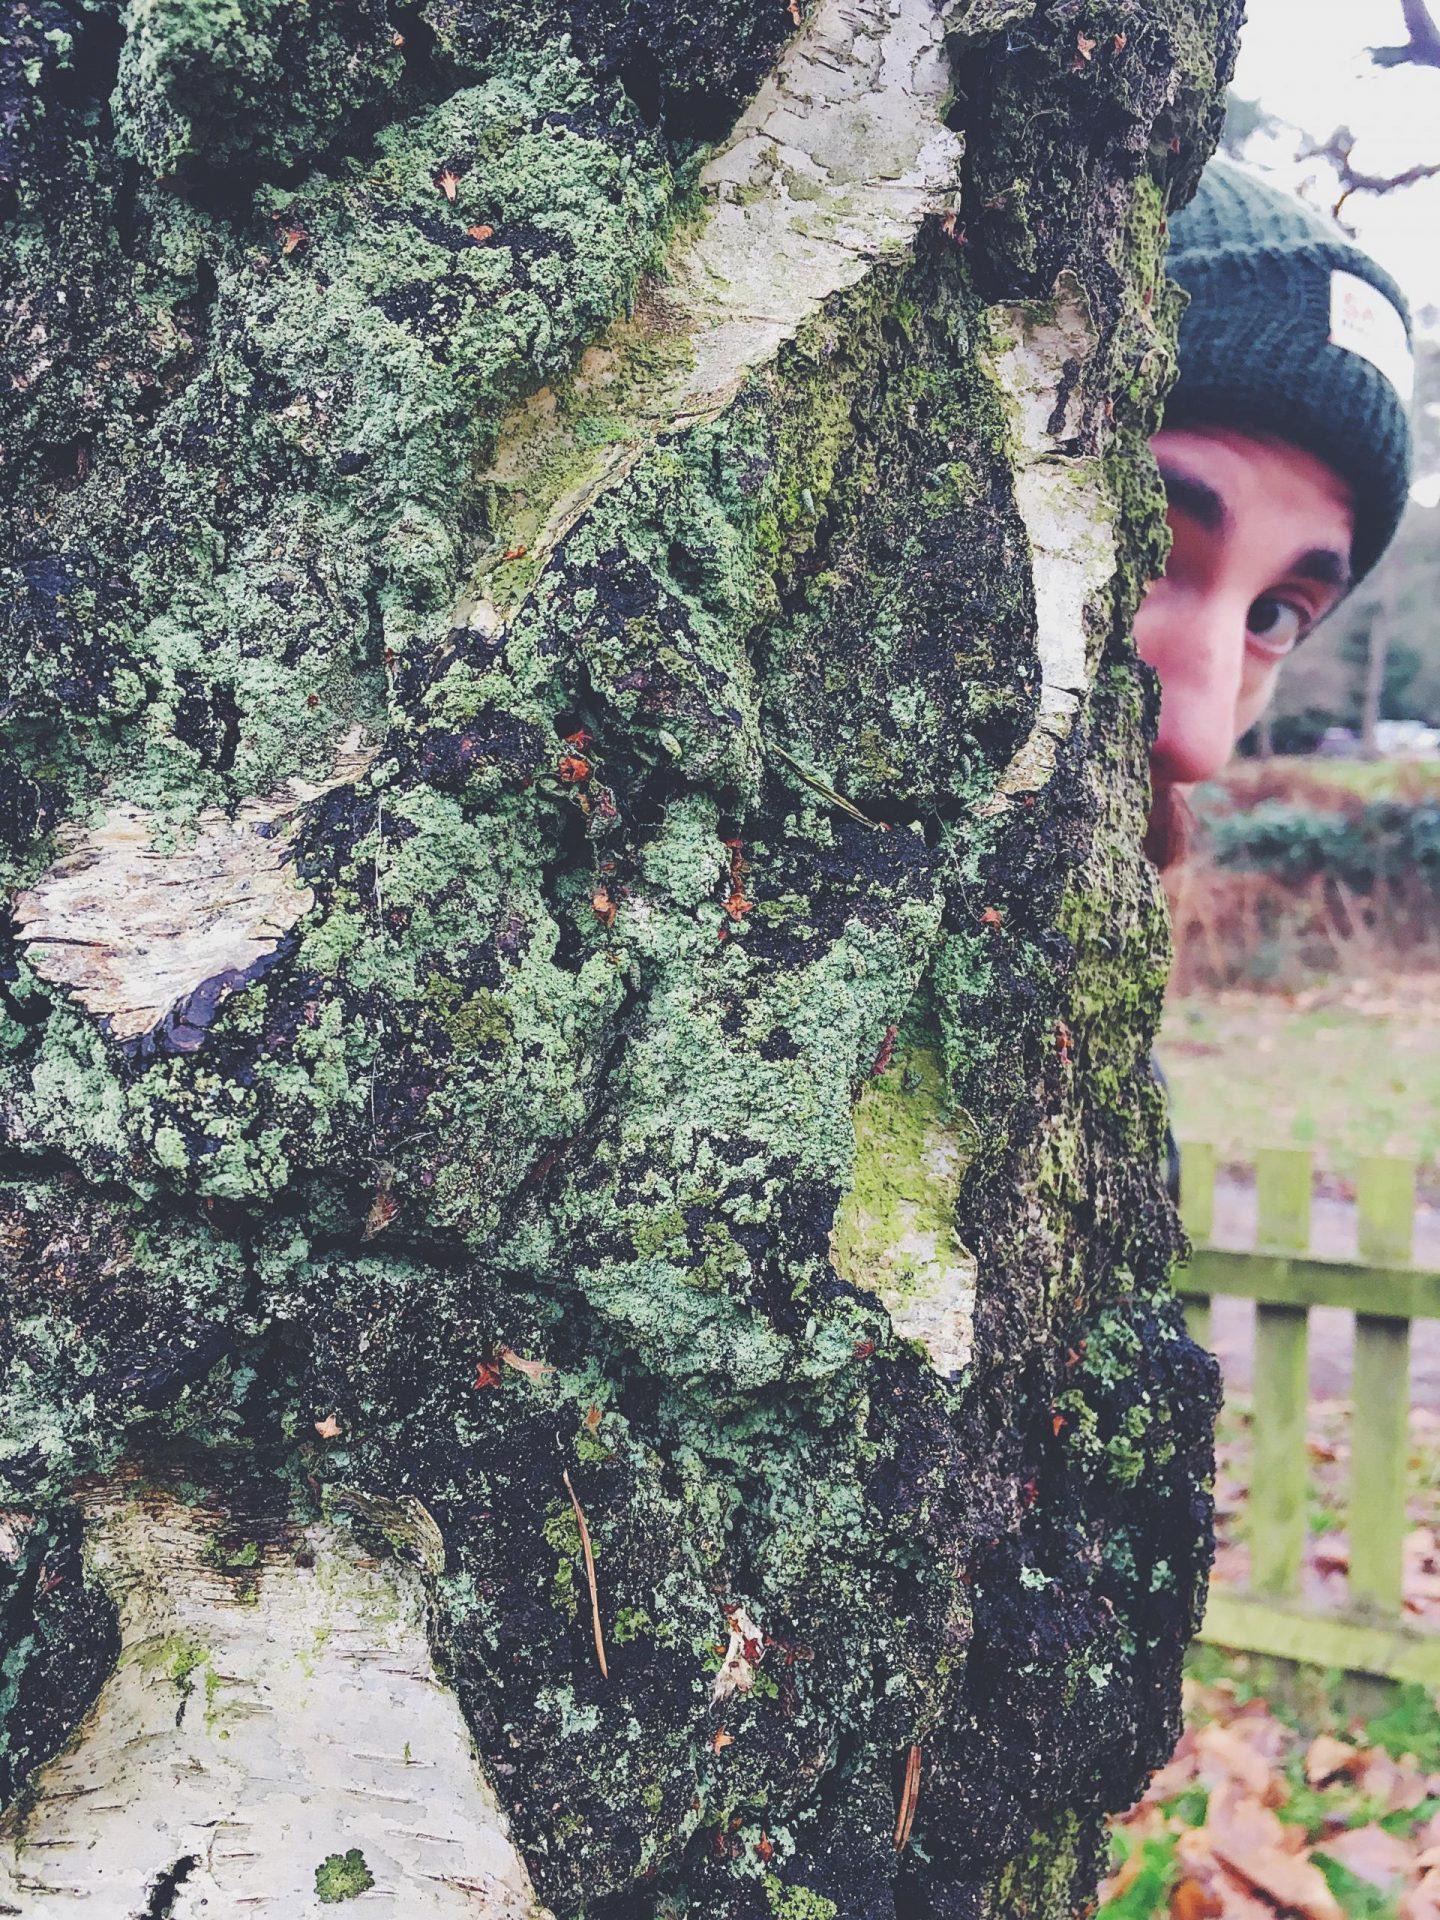 sandringham hide and seek